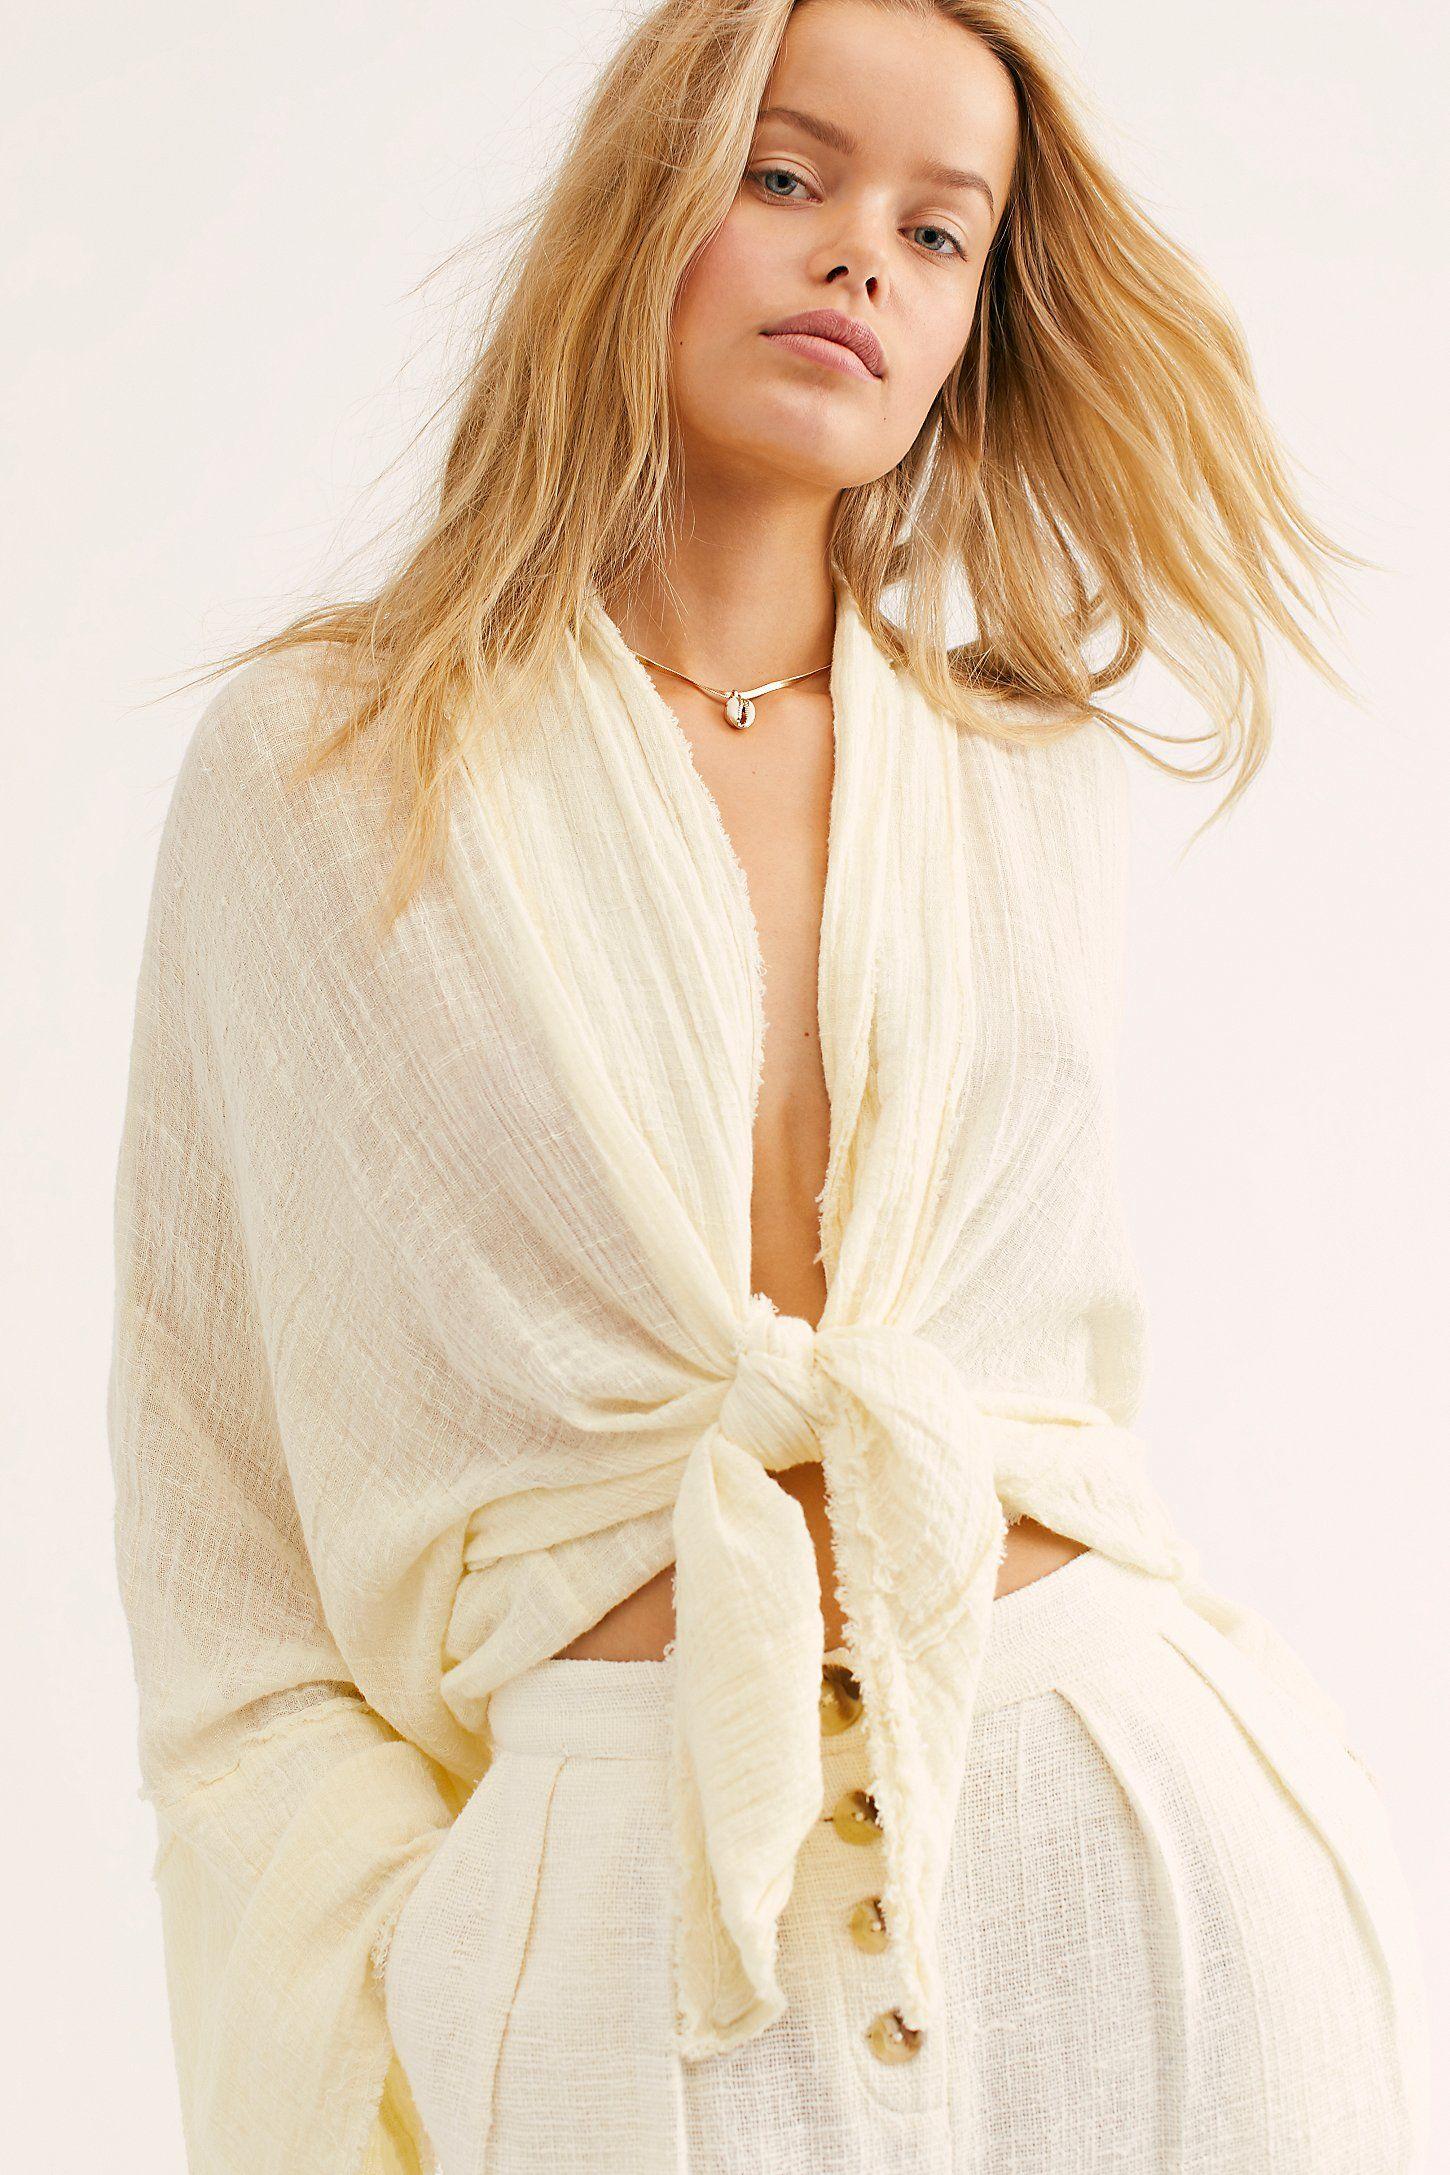 FP One Azalea Kimono | Kimono style tops, Kimono fashion